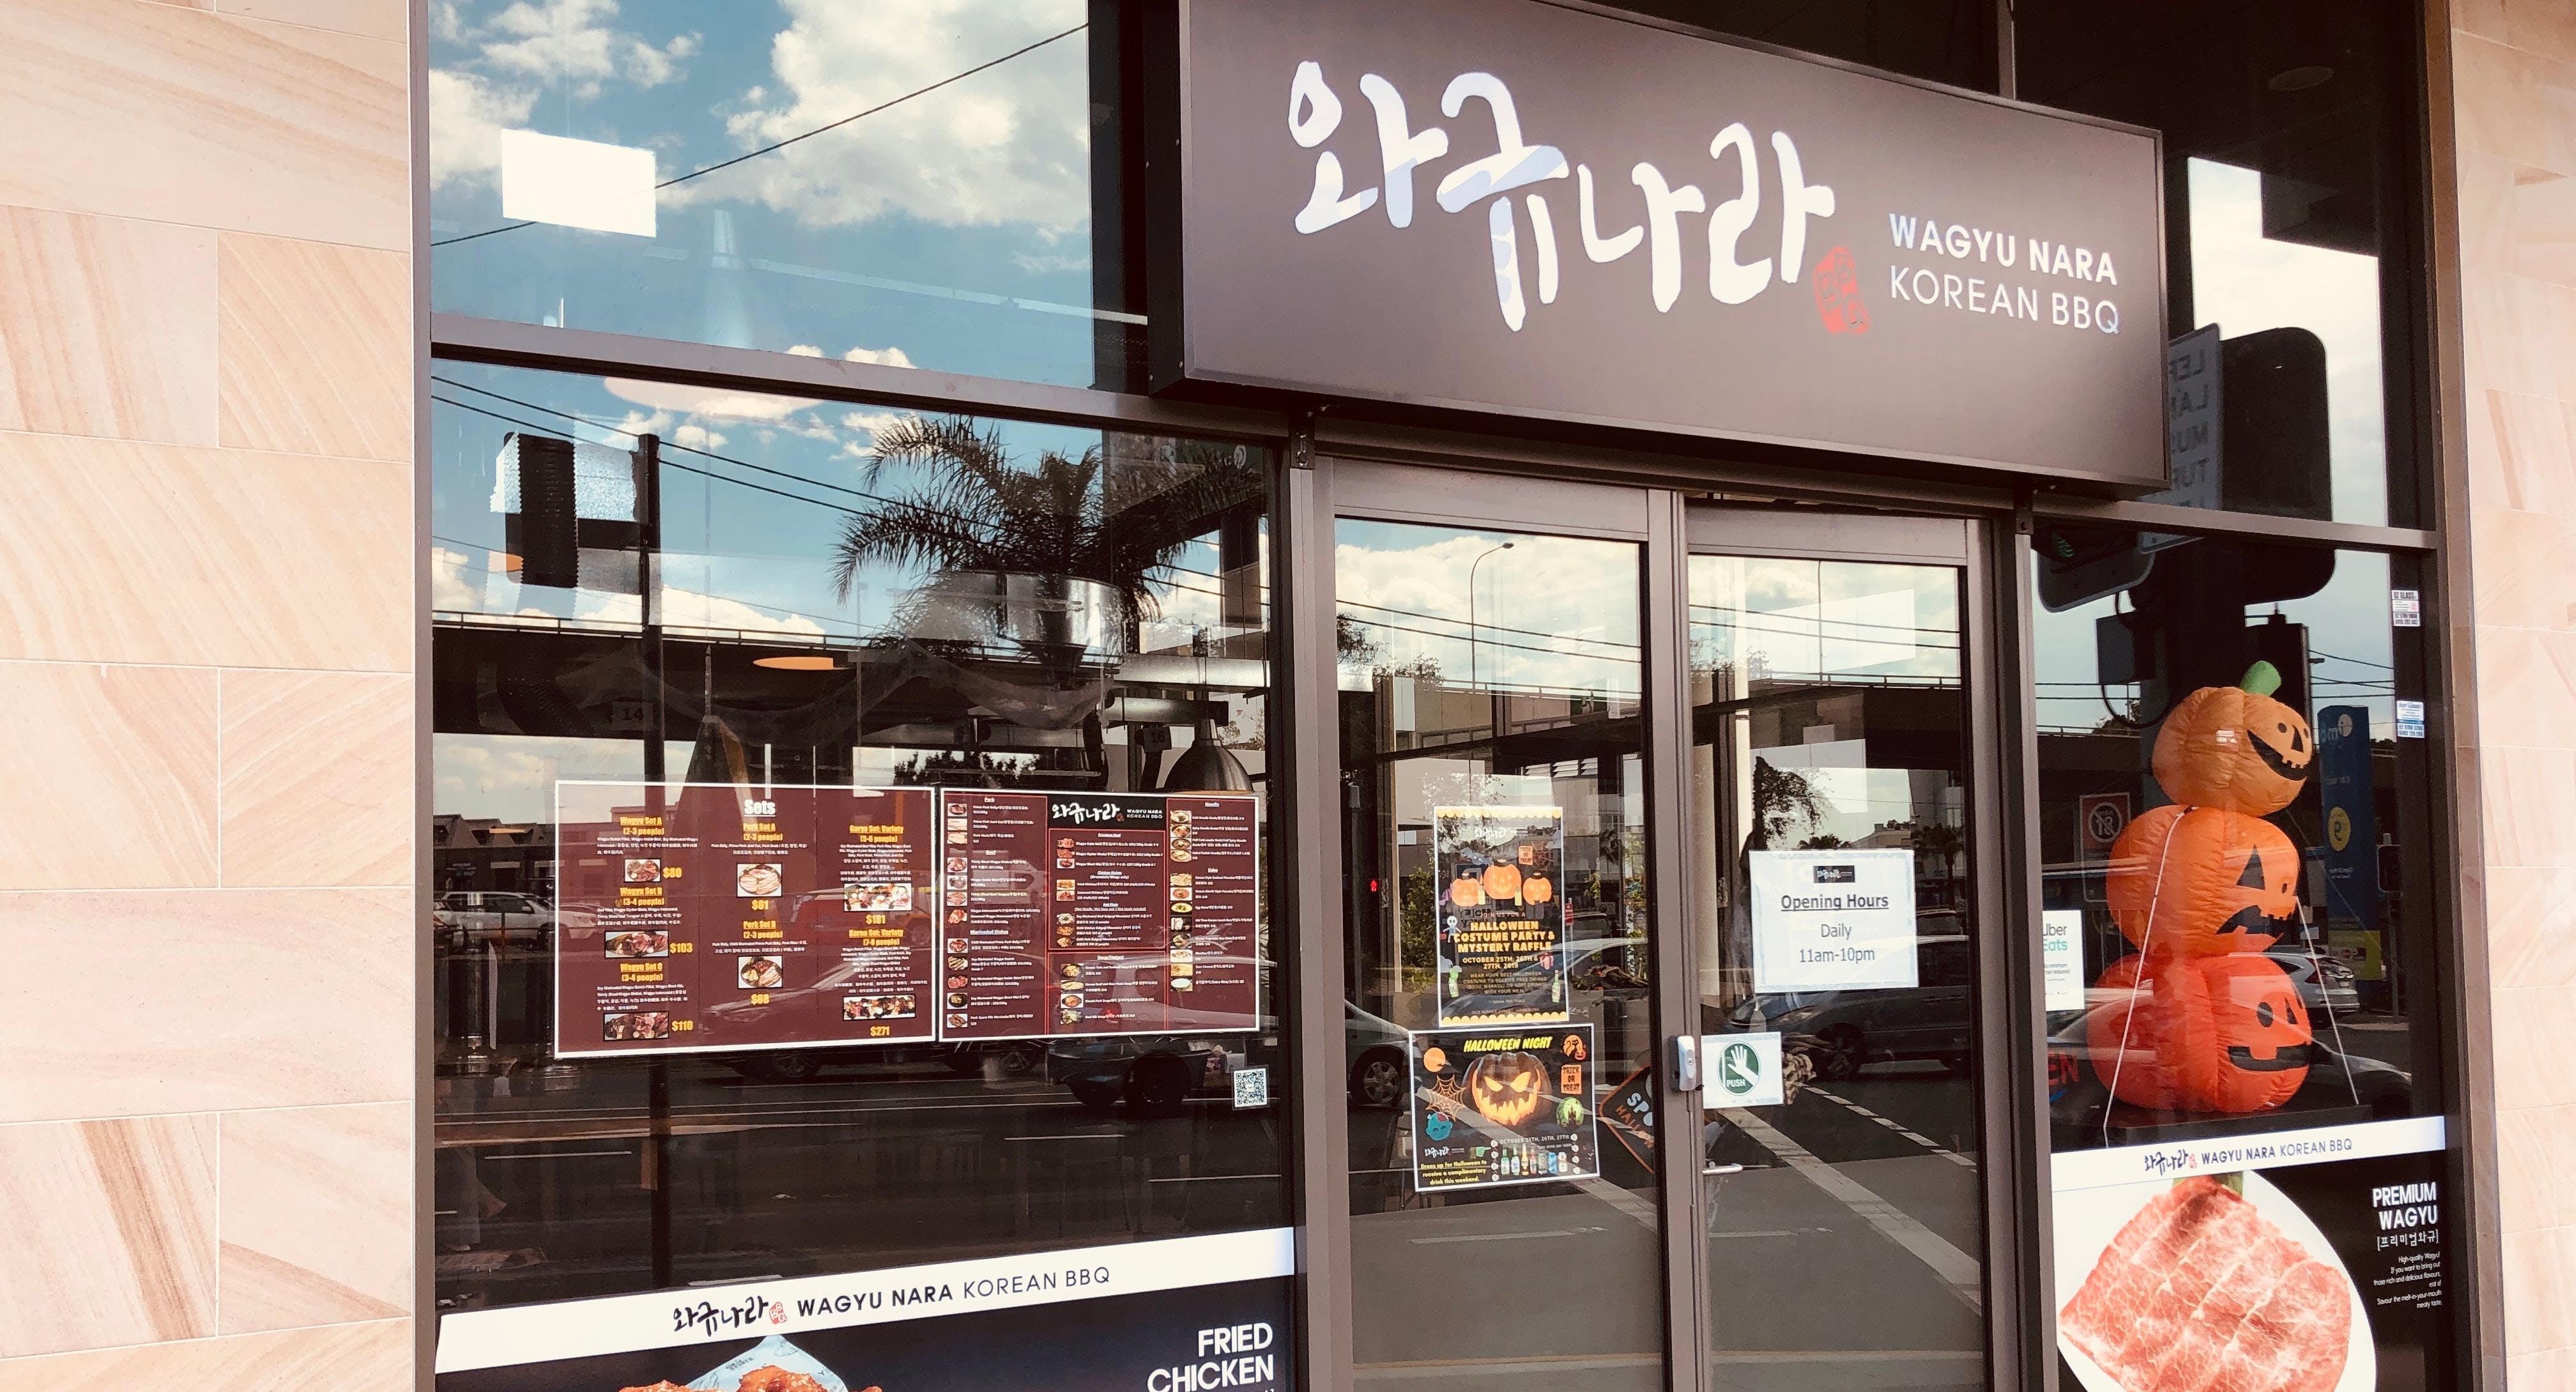 Wagyu Nara Korean BBQ Restaurant Sydney image 3